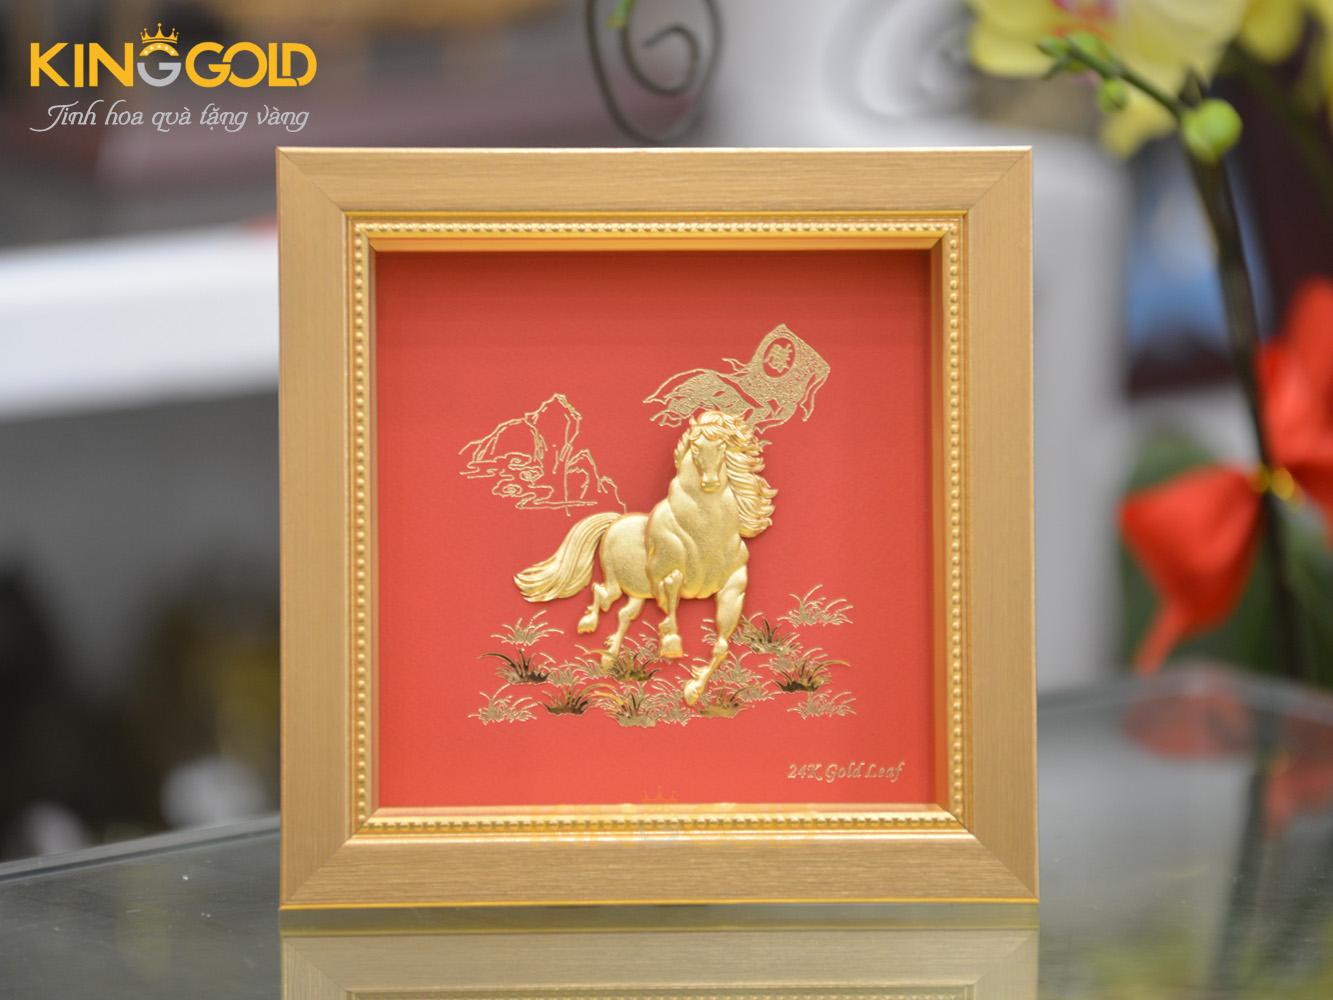 Quà tặng vàng, Tranh ngựa dát vàng 24k mã đáo thành công